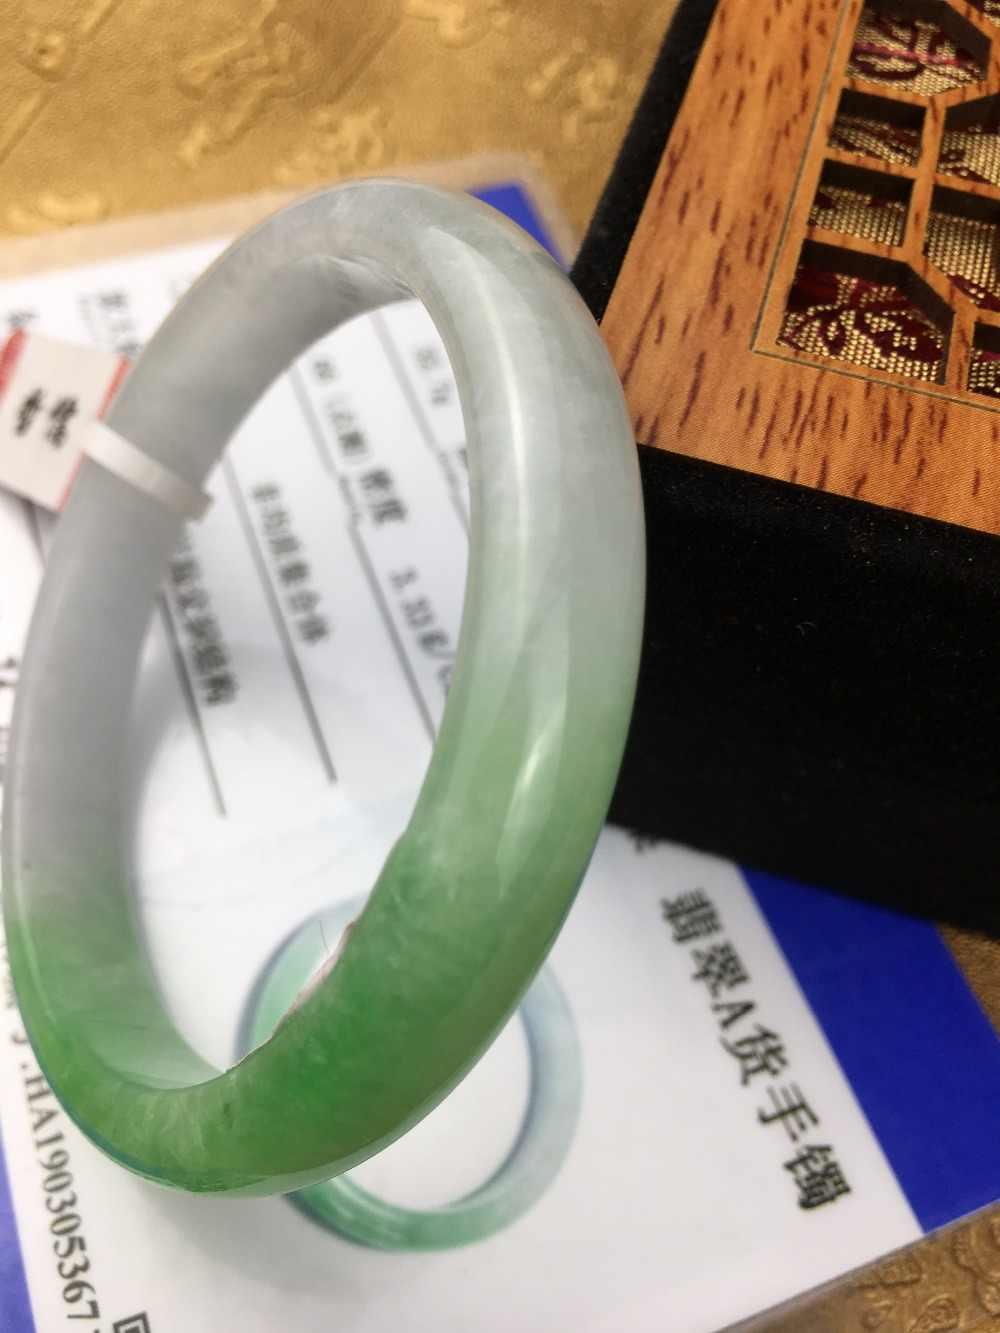 ส่งใบรับรองธรรมชาติ Jadeite สร้อยข้อมือ elegant สีเขียว 2 สี 54-61 มม. สร้อยข้อมือเครื่องประดับของขวัญ